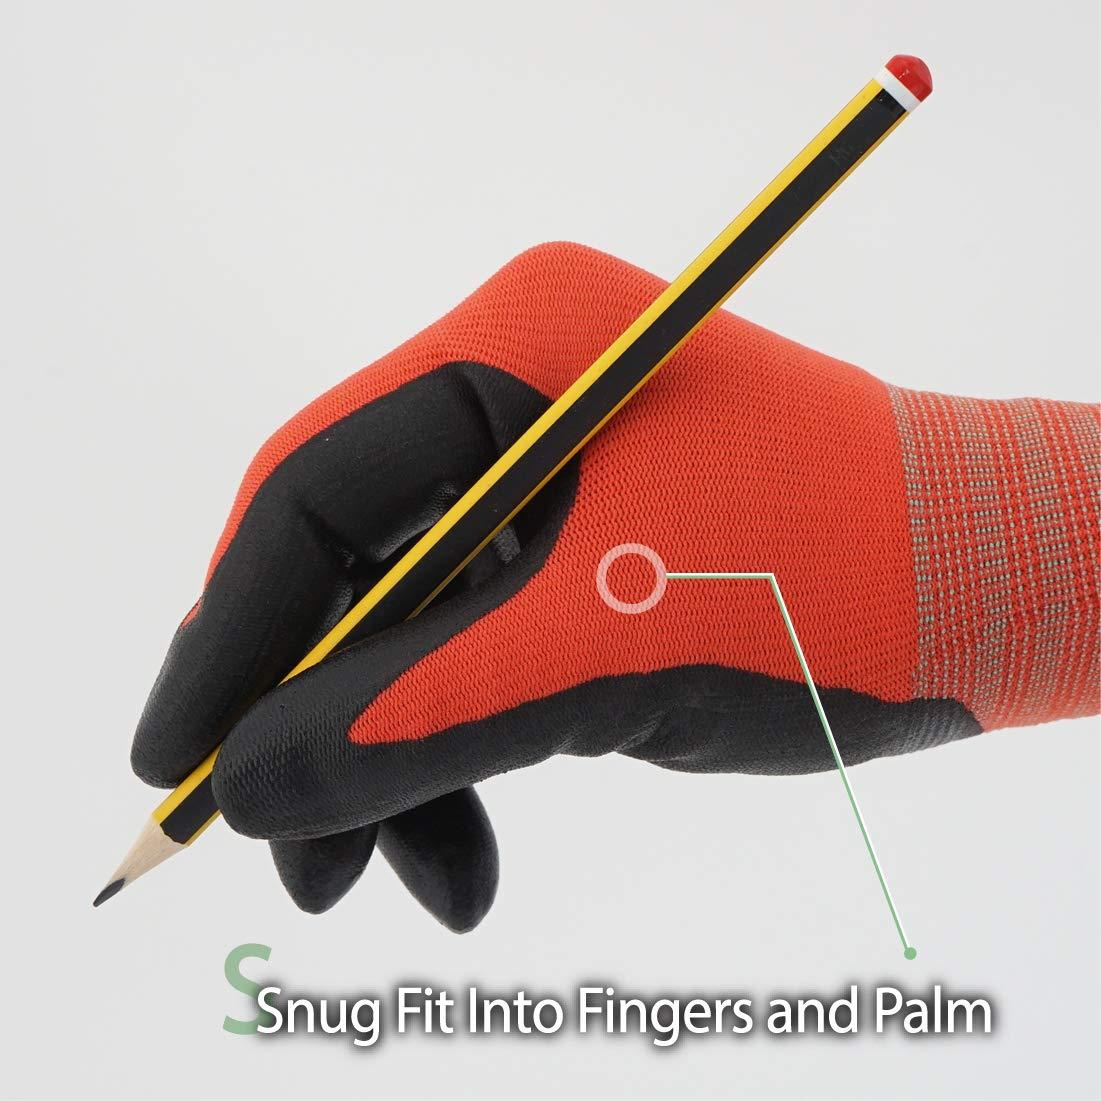 DEX FIT Guantes de trabajo de invierno Warm Fleece Negro NR450 Comfort Stretchy Fit Power Grip Delgado y ligero Lavable en la lavadora Grande 3 Pairs Recubrimiento de nitrilo duradero